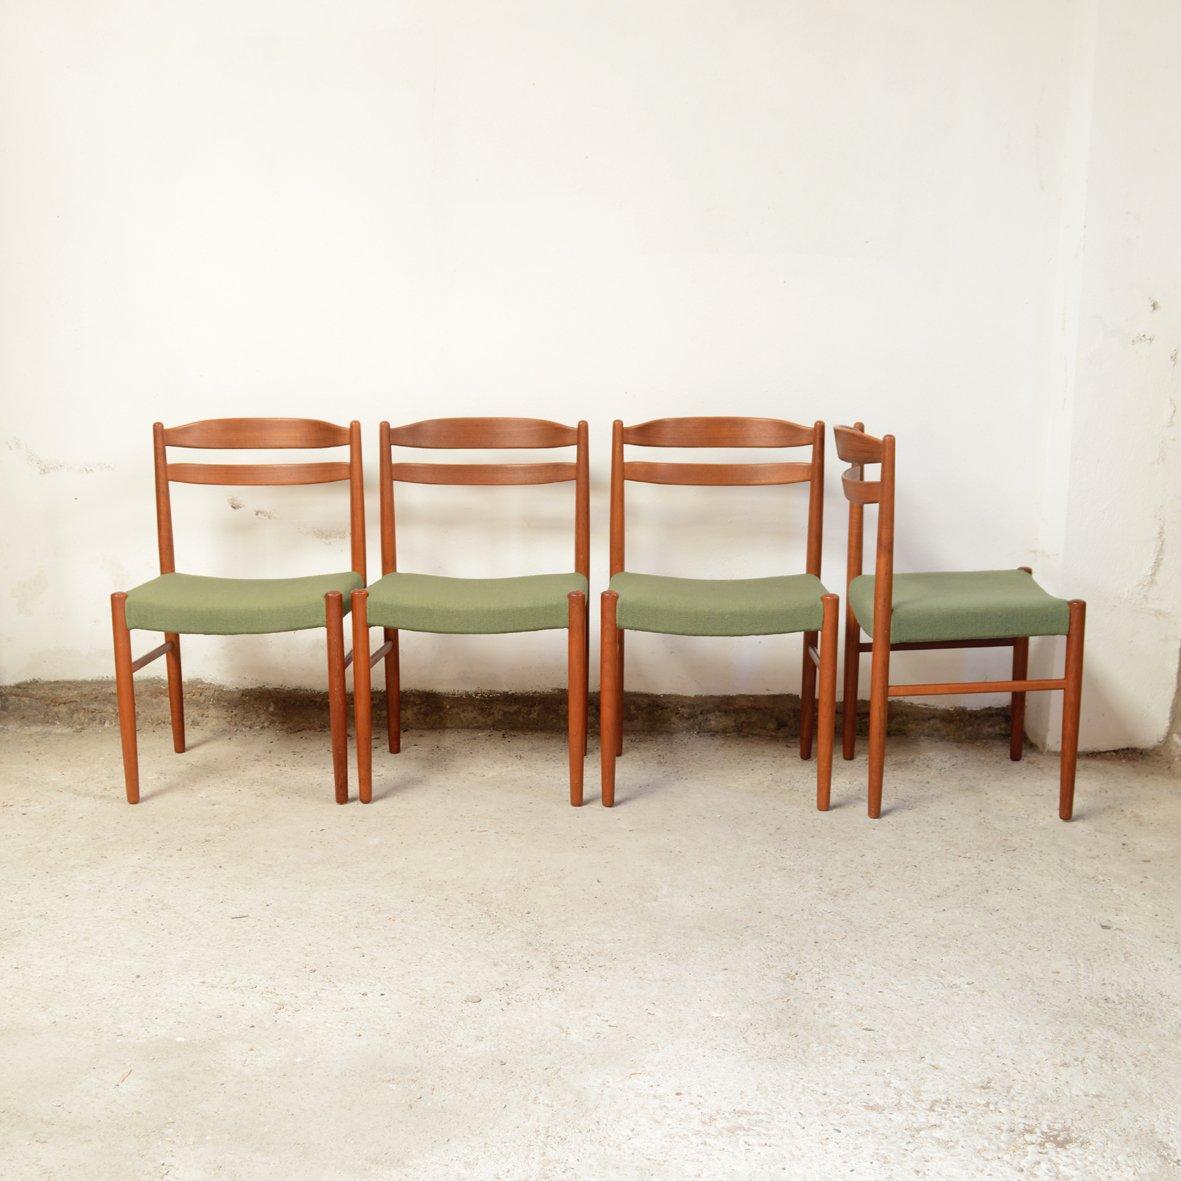 Skandinavische Stühle Klassiker : skandinavische mid century teak st hle 4er set bei pamono ~ Michelbontemps.com Haus und Dekorationen